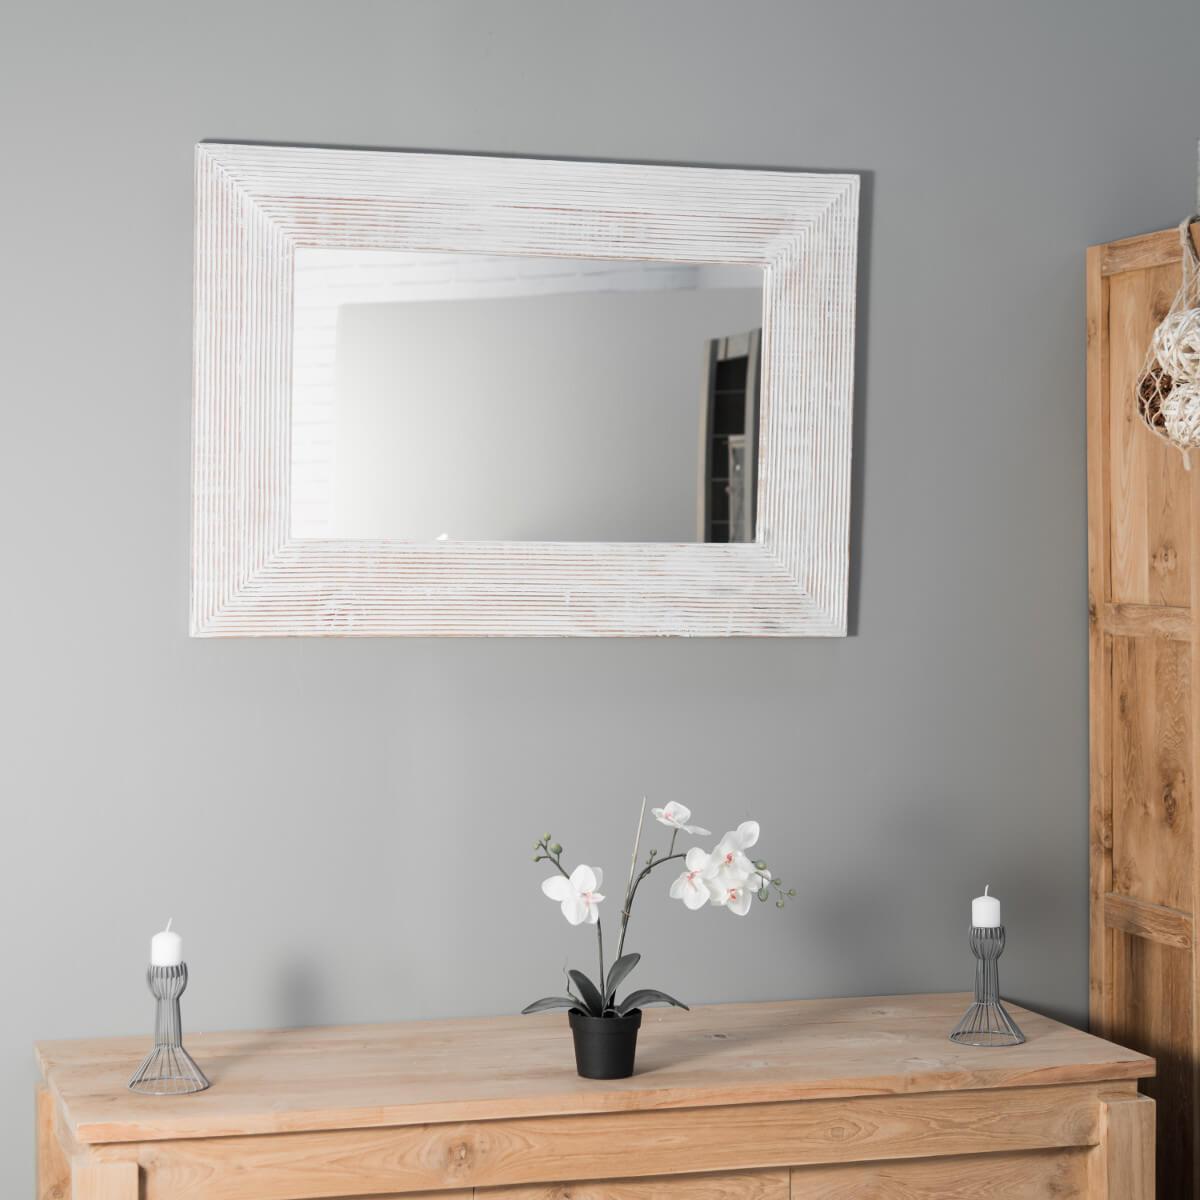 Miroir de d coration en bois massif madrid for Miroir de salon